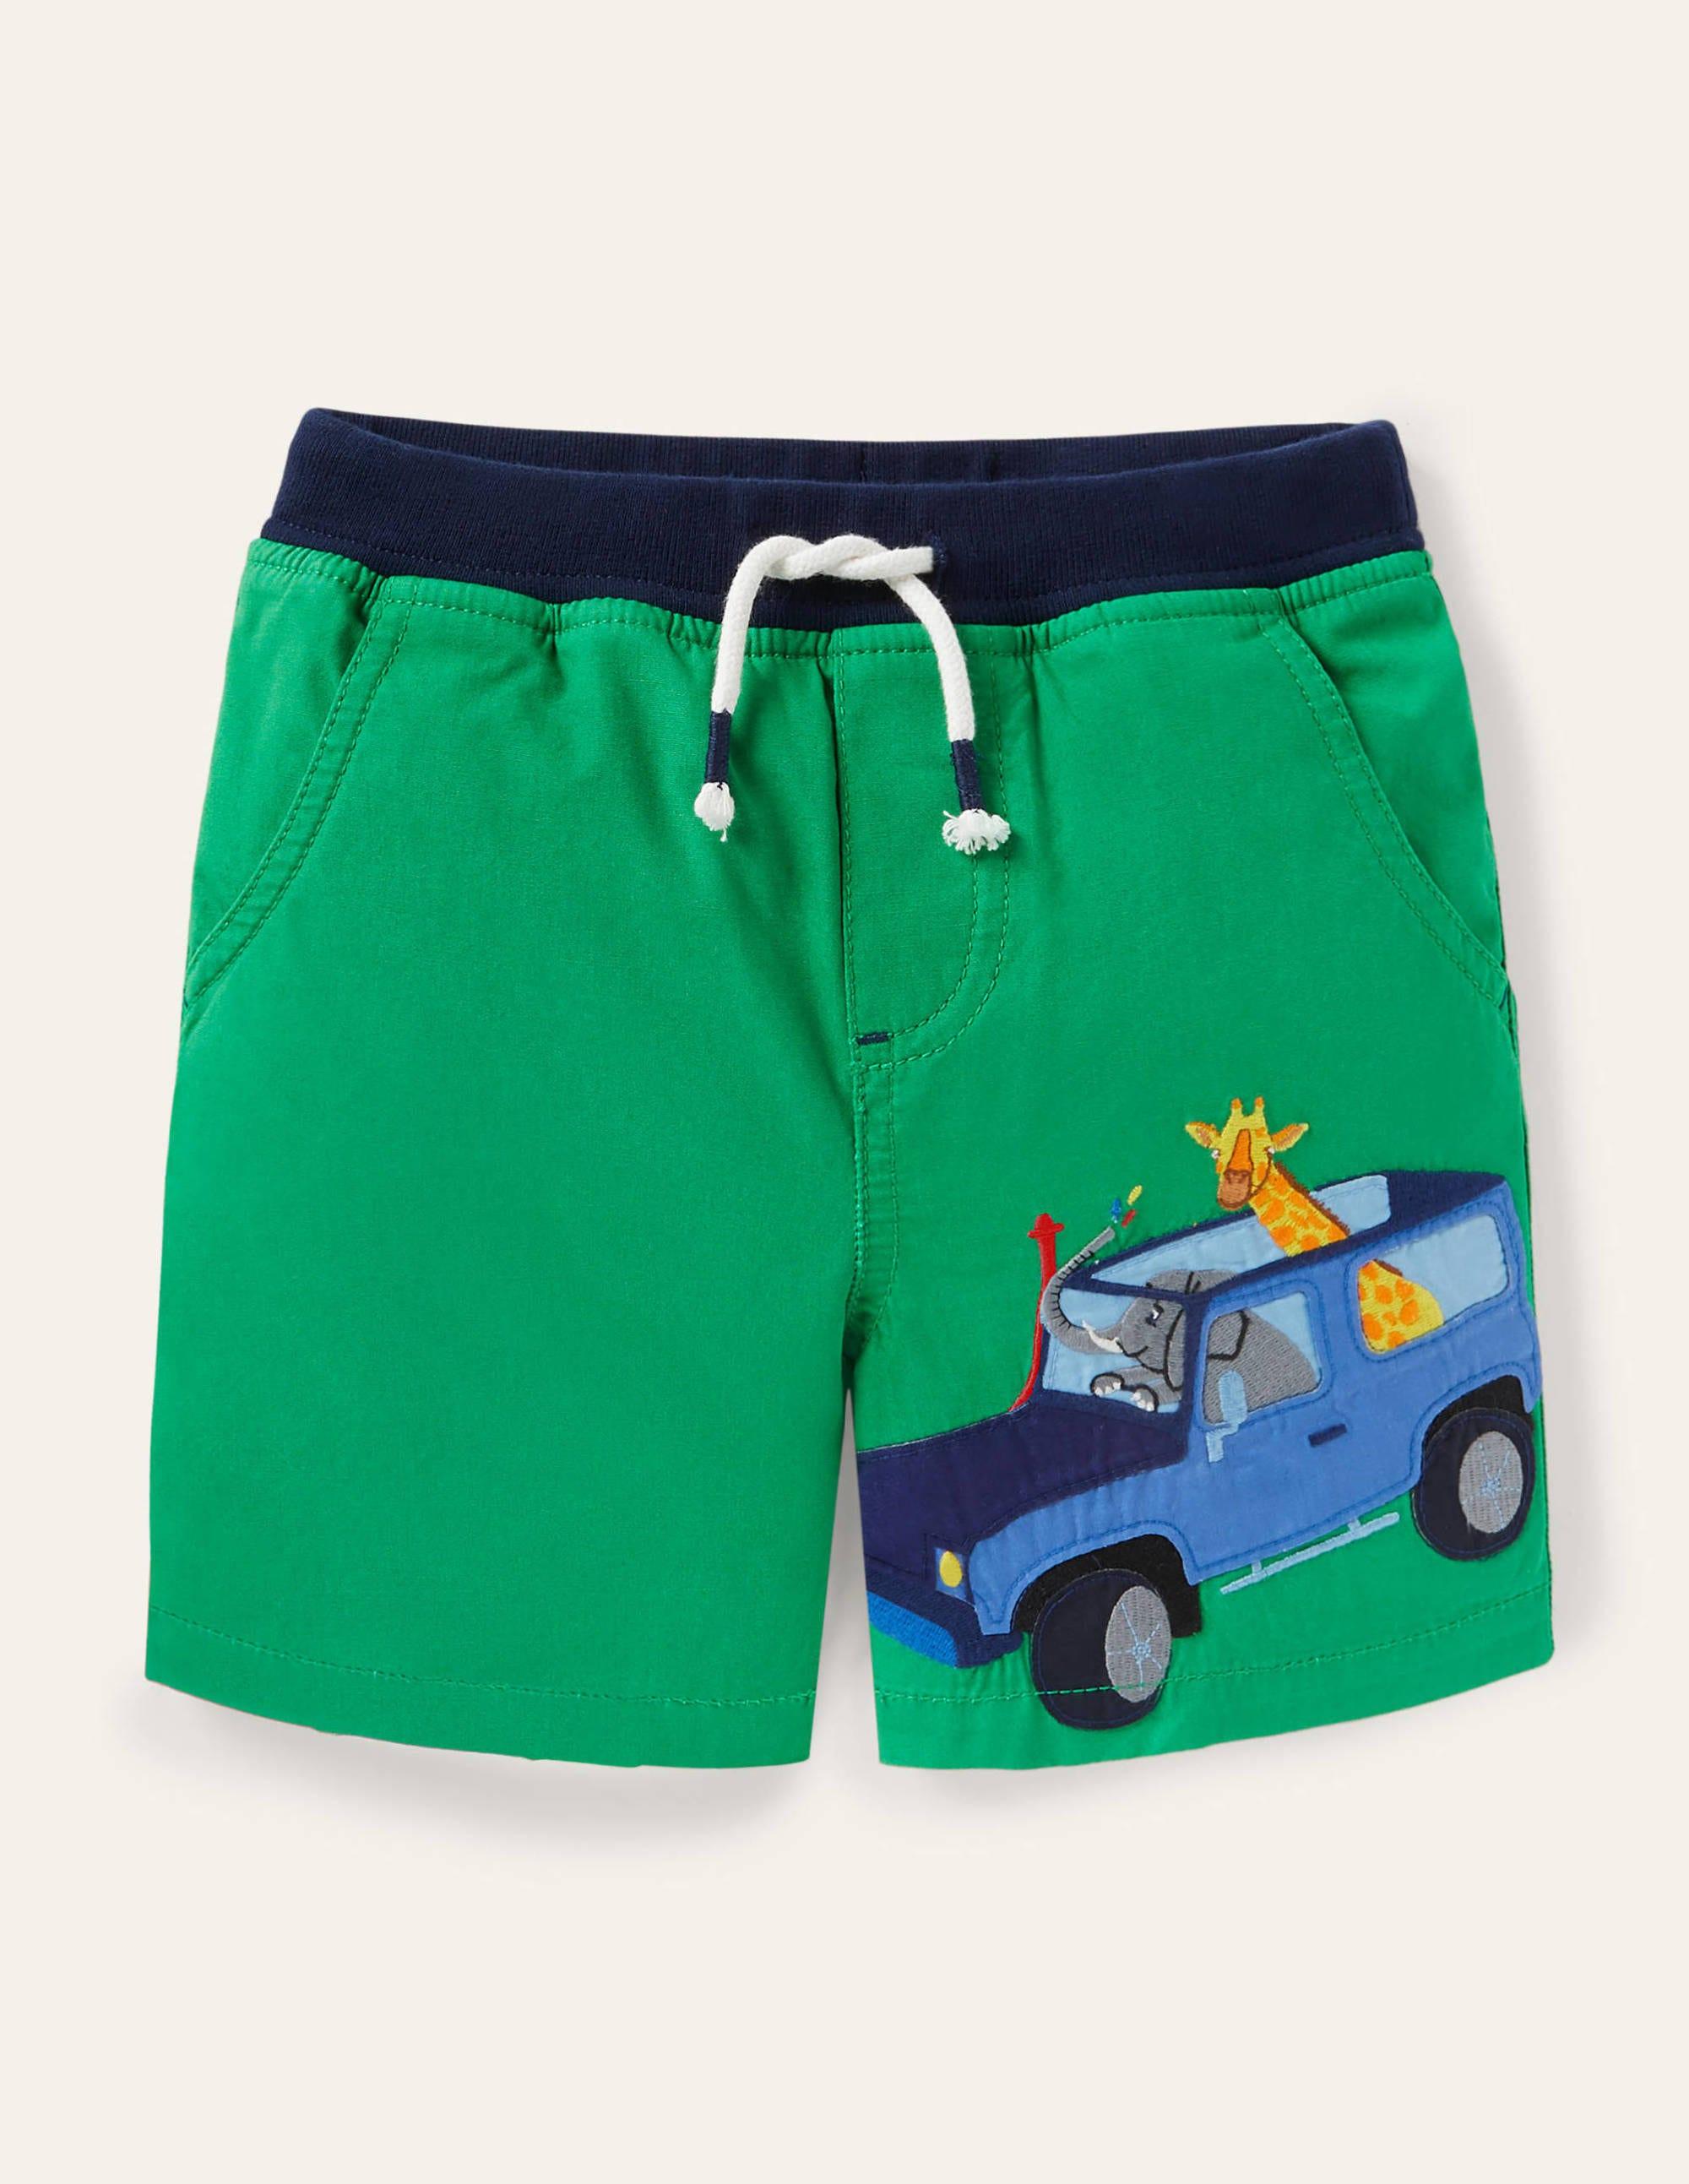 Boden Fun Vacation Shorts - Sapling Green Safari